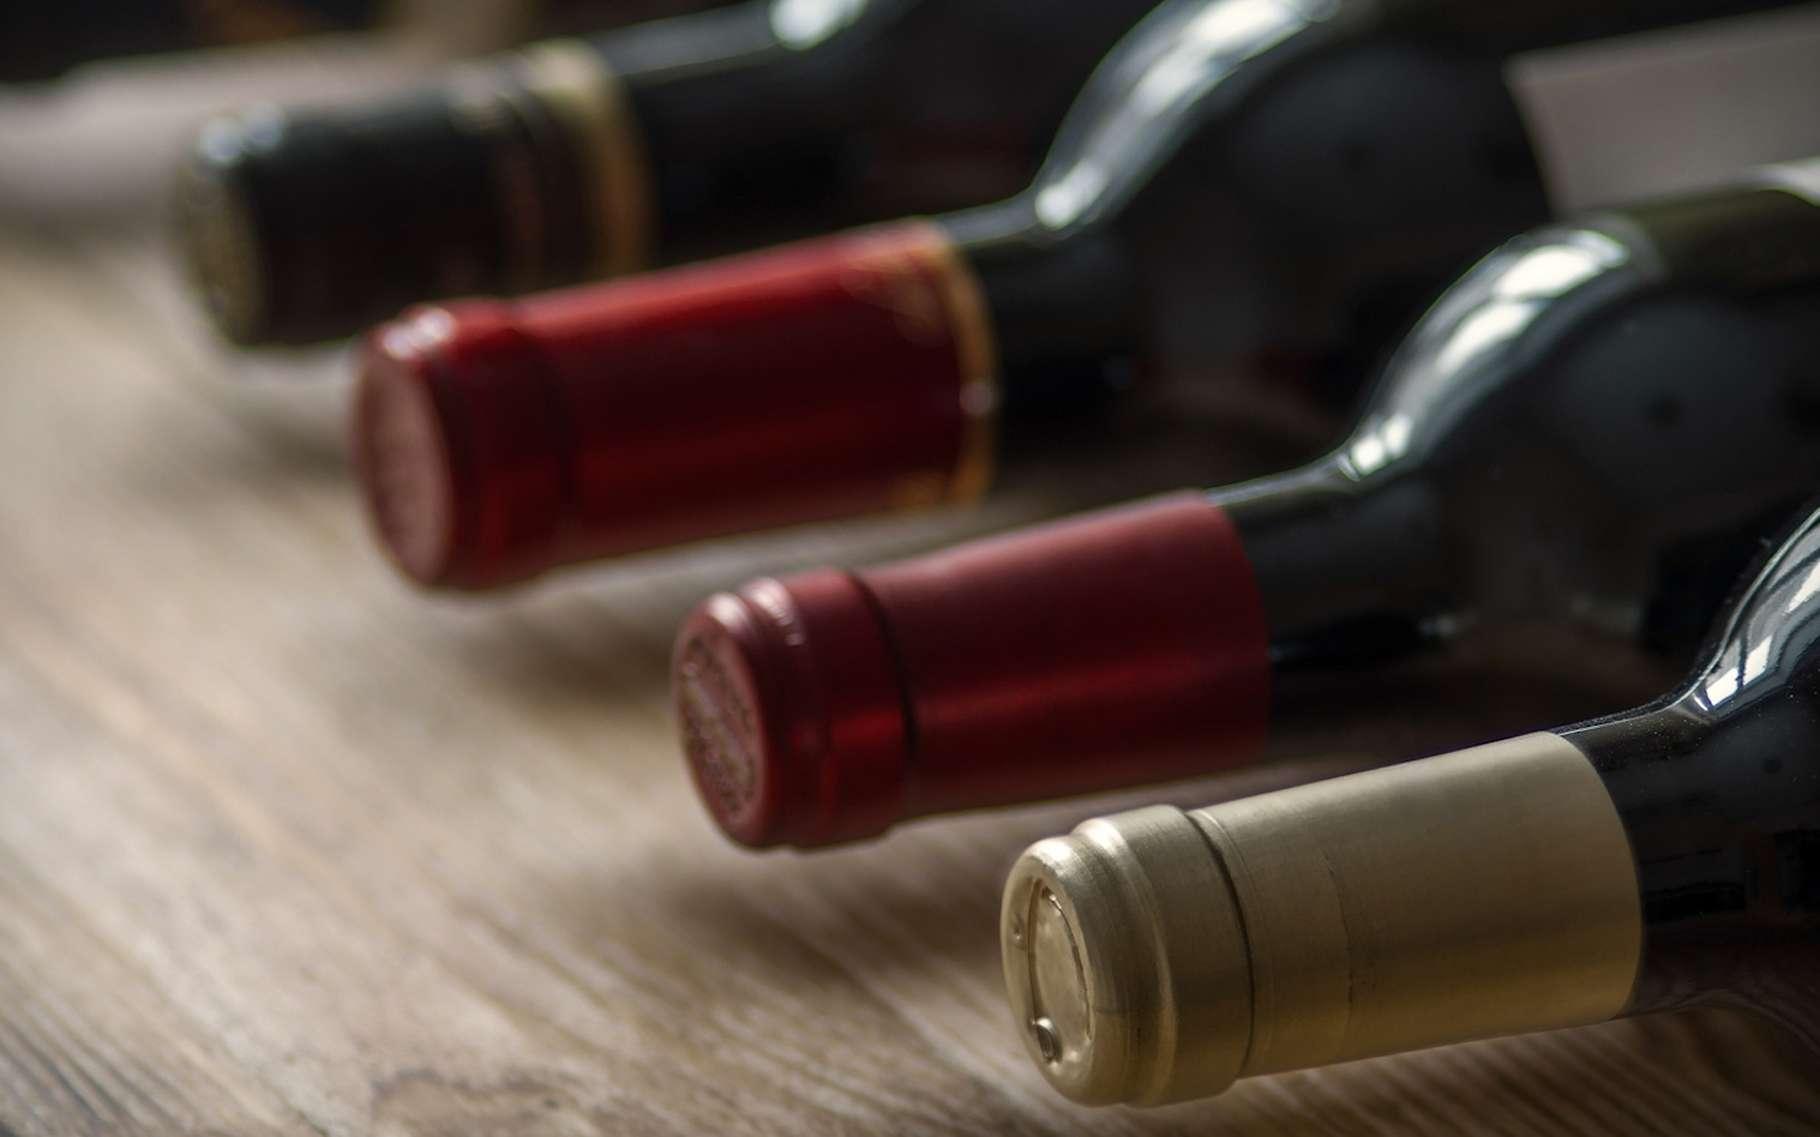 Les bouteilles de vin doivent être conservées couchées afin d'éviter l'oxydation du vin. © aleks-p, Fotolia